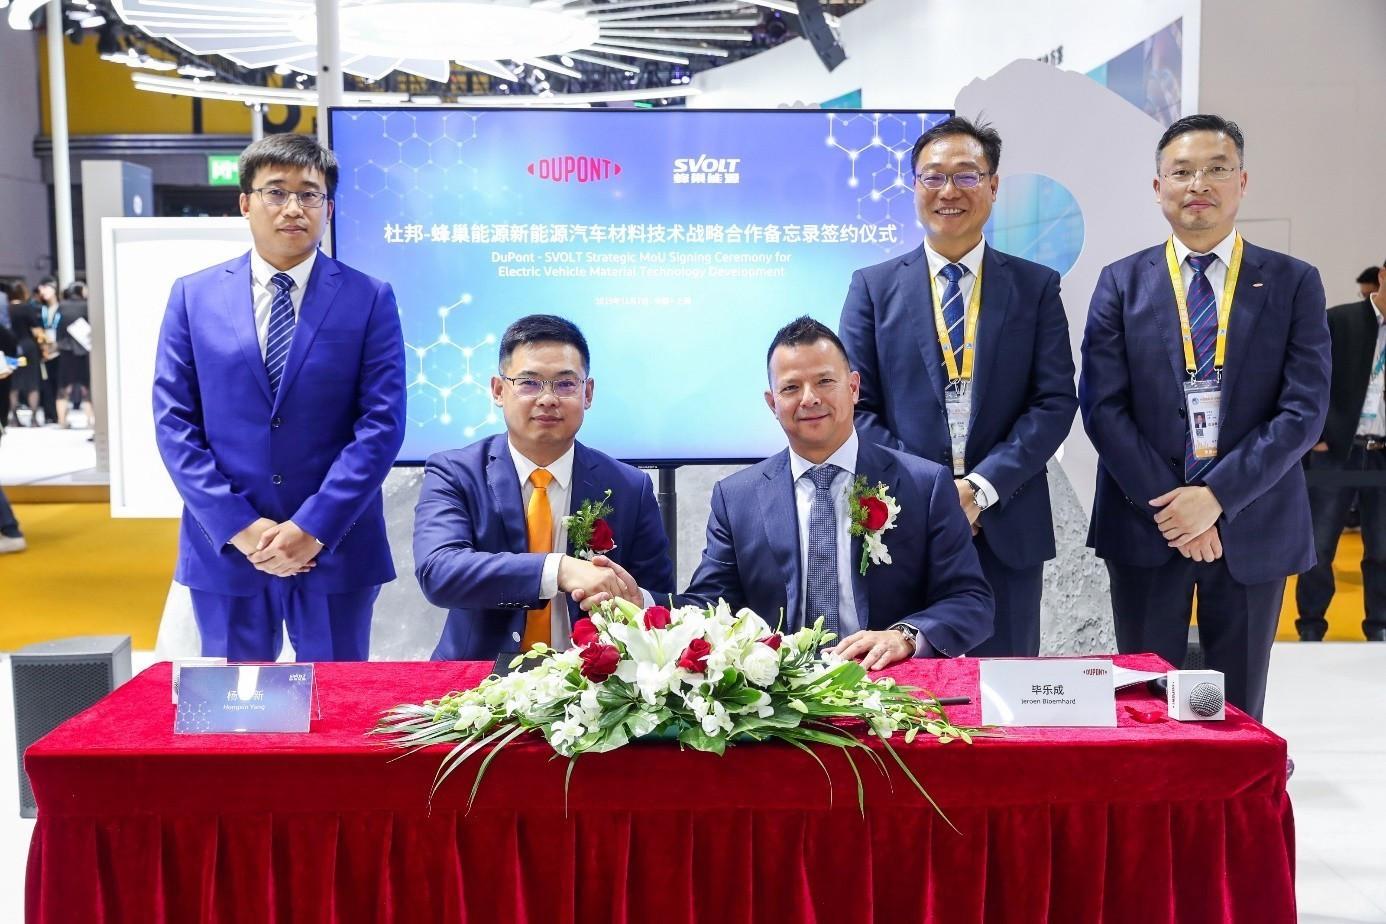 杜邦扩大汽车产业朋友圈,与三家供应商签约合作